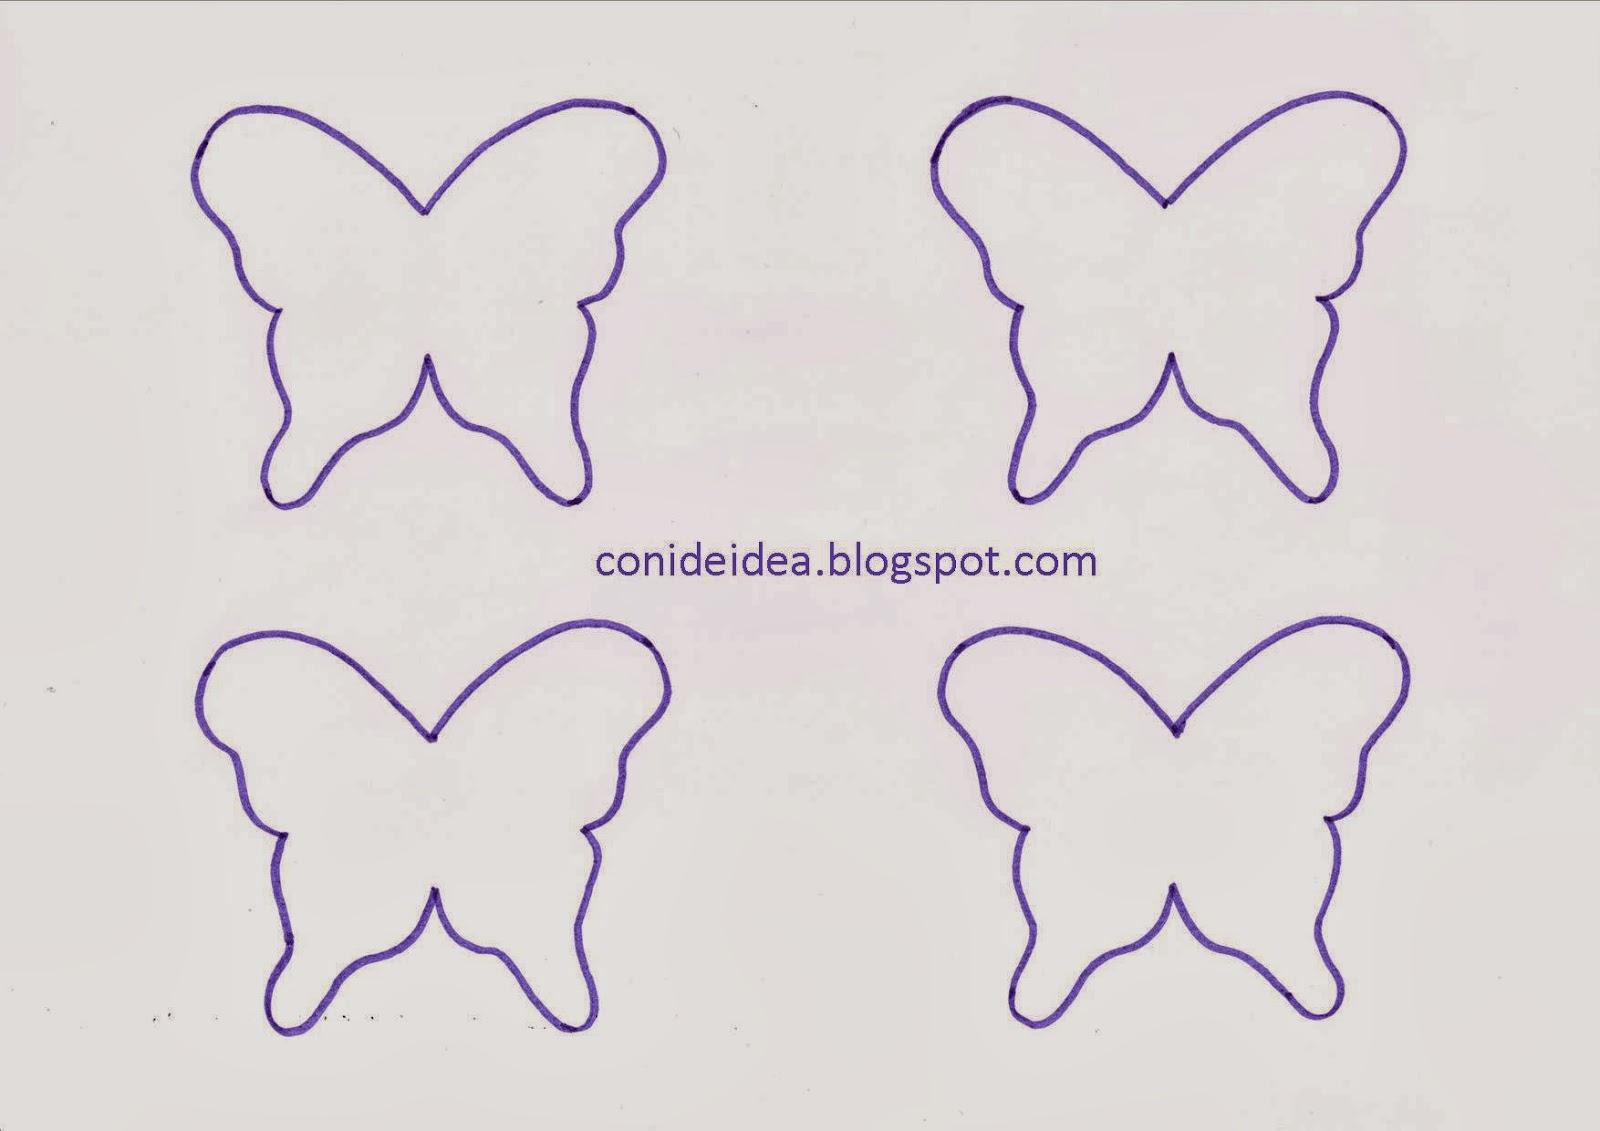 Manualidades Con i de idea Mariposa con pinzas